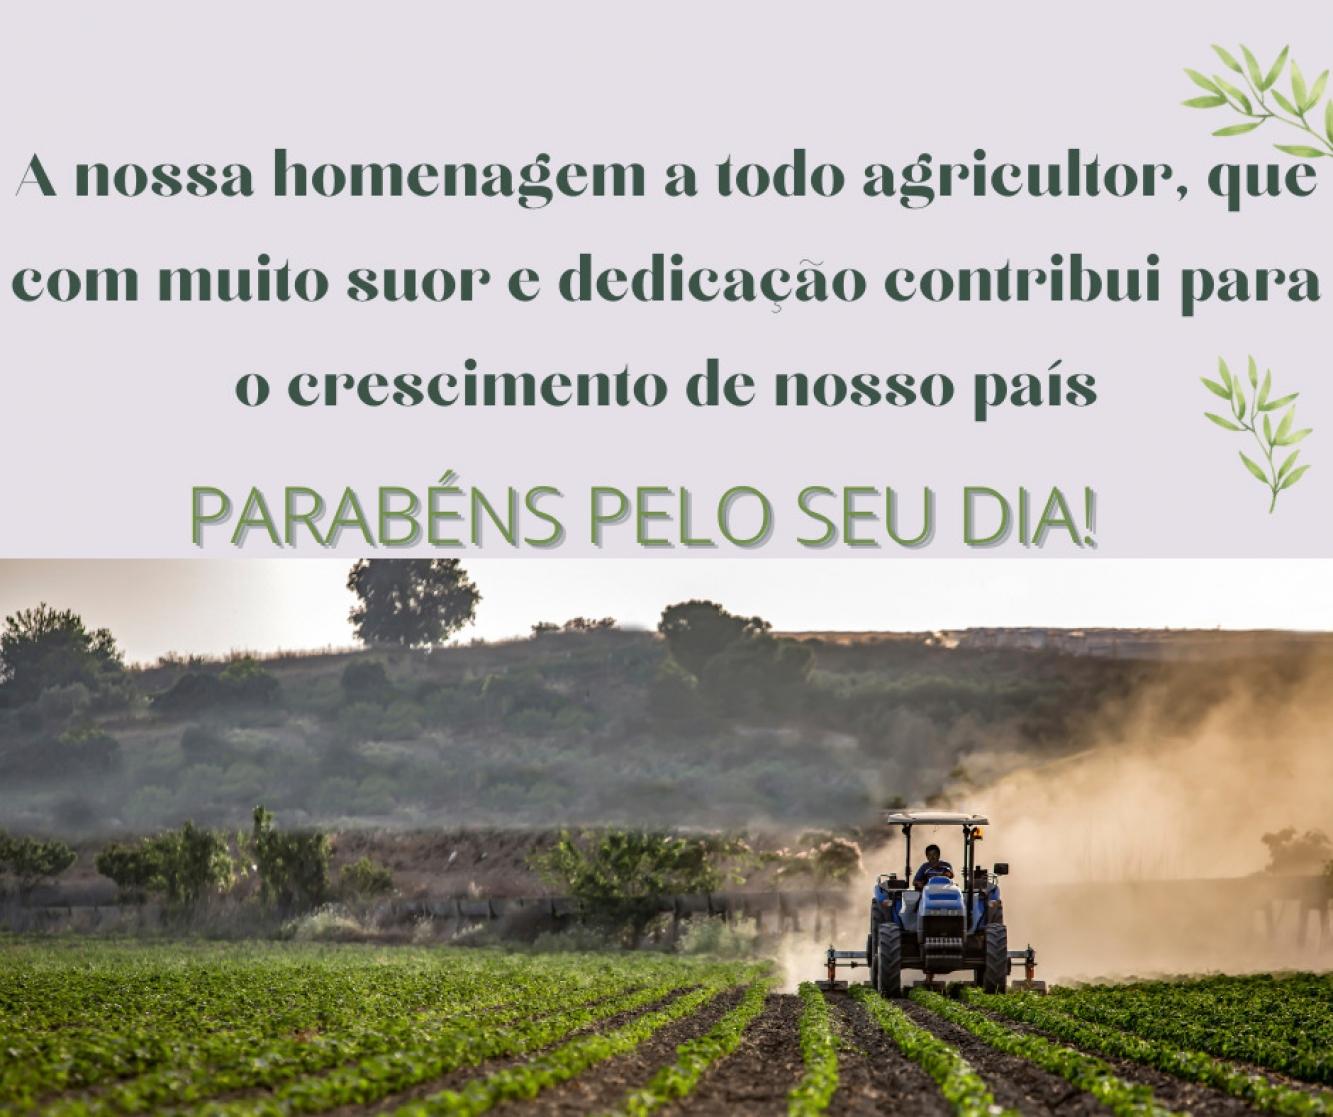 Parabéns agricultor!